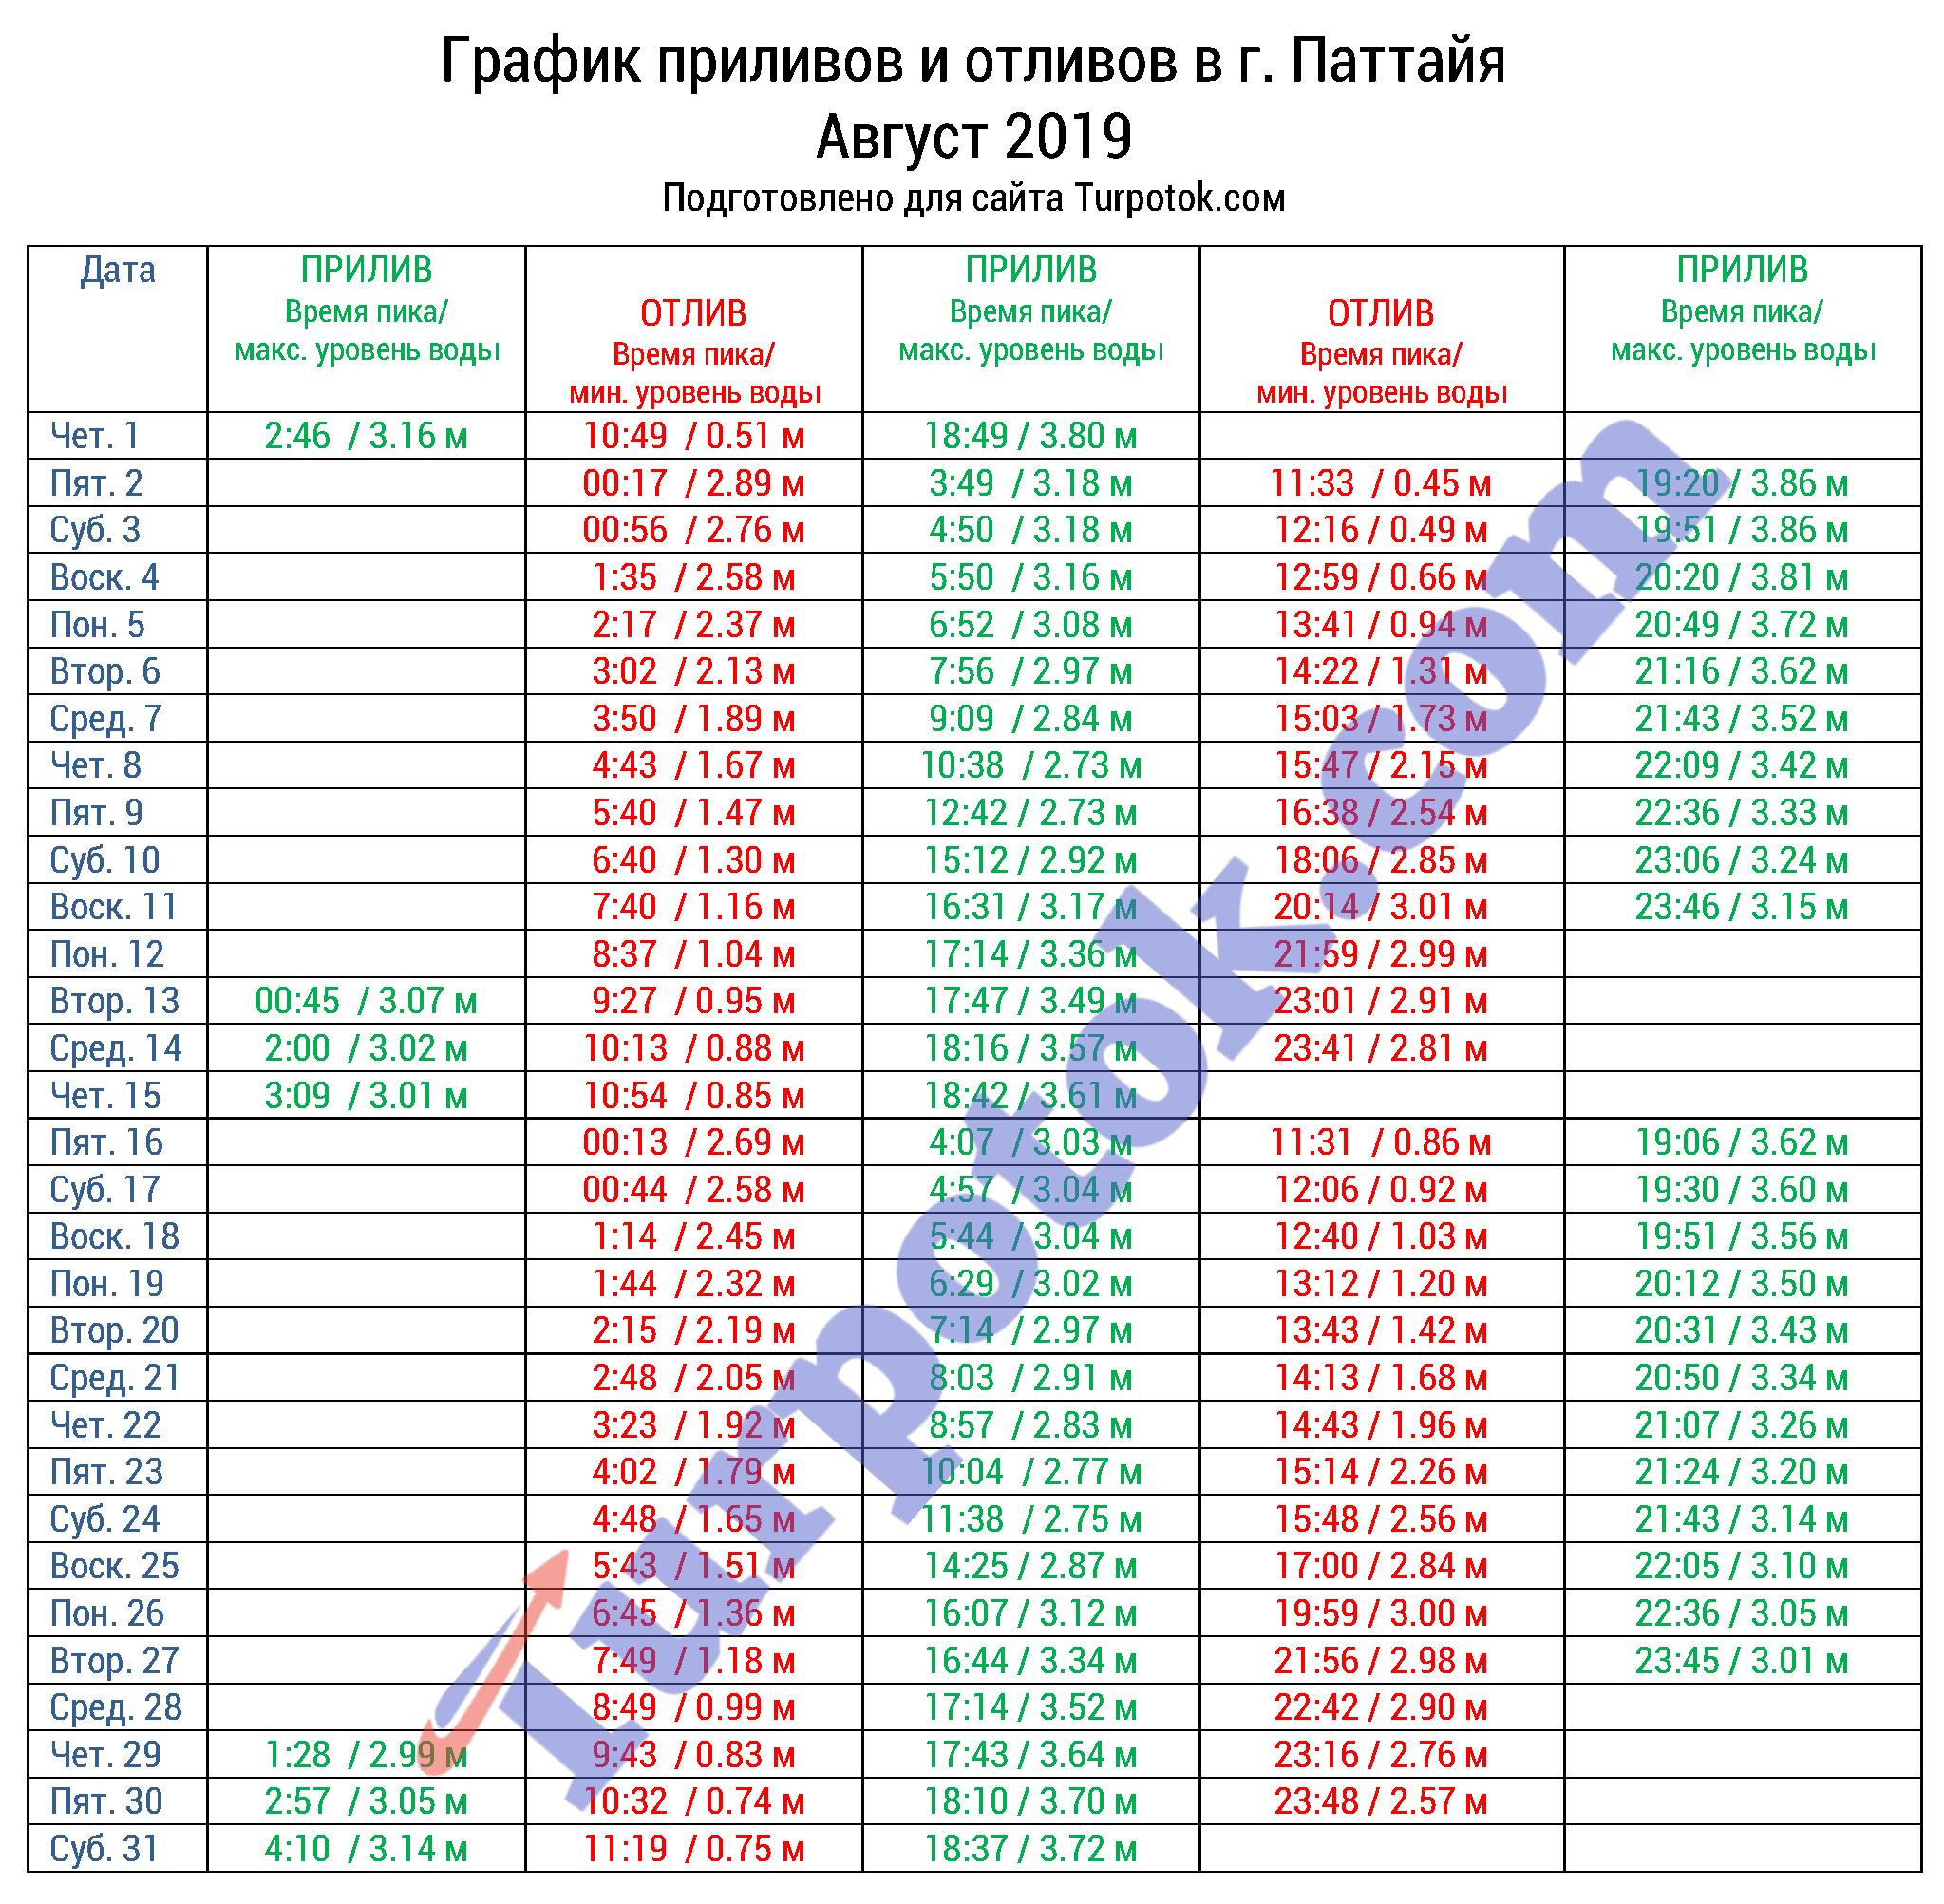 Таблица с расписанием отливов в Паттайе